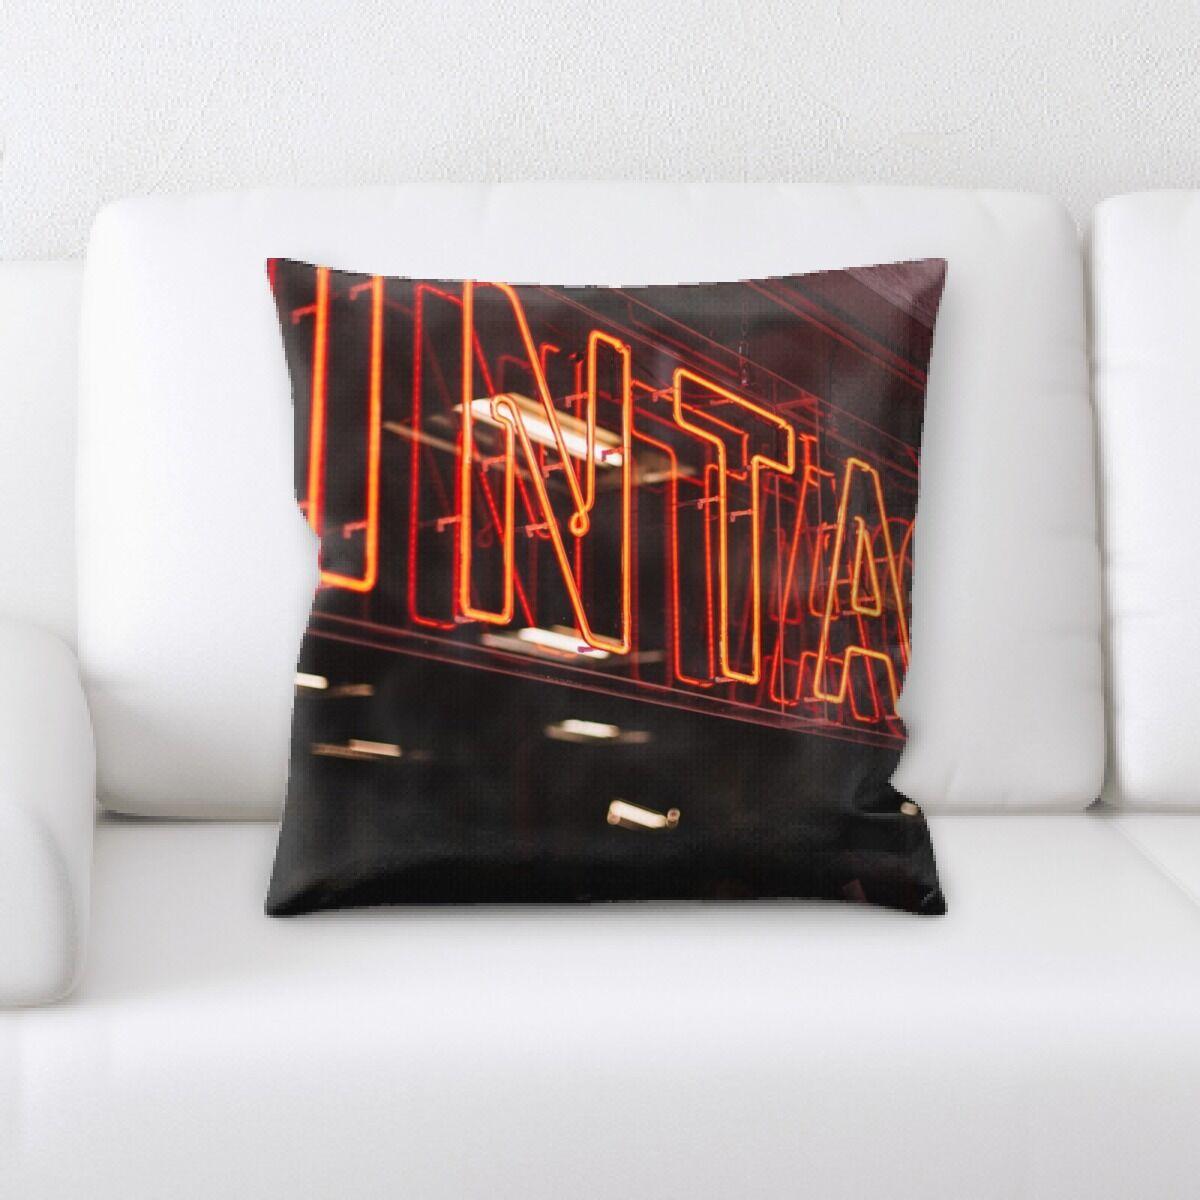 Jaycee Neon (60) Throw Pillow